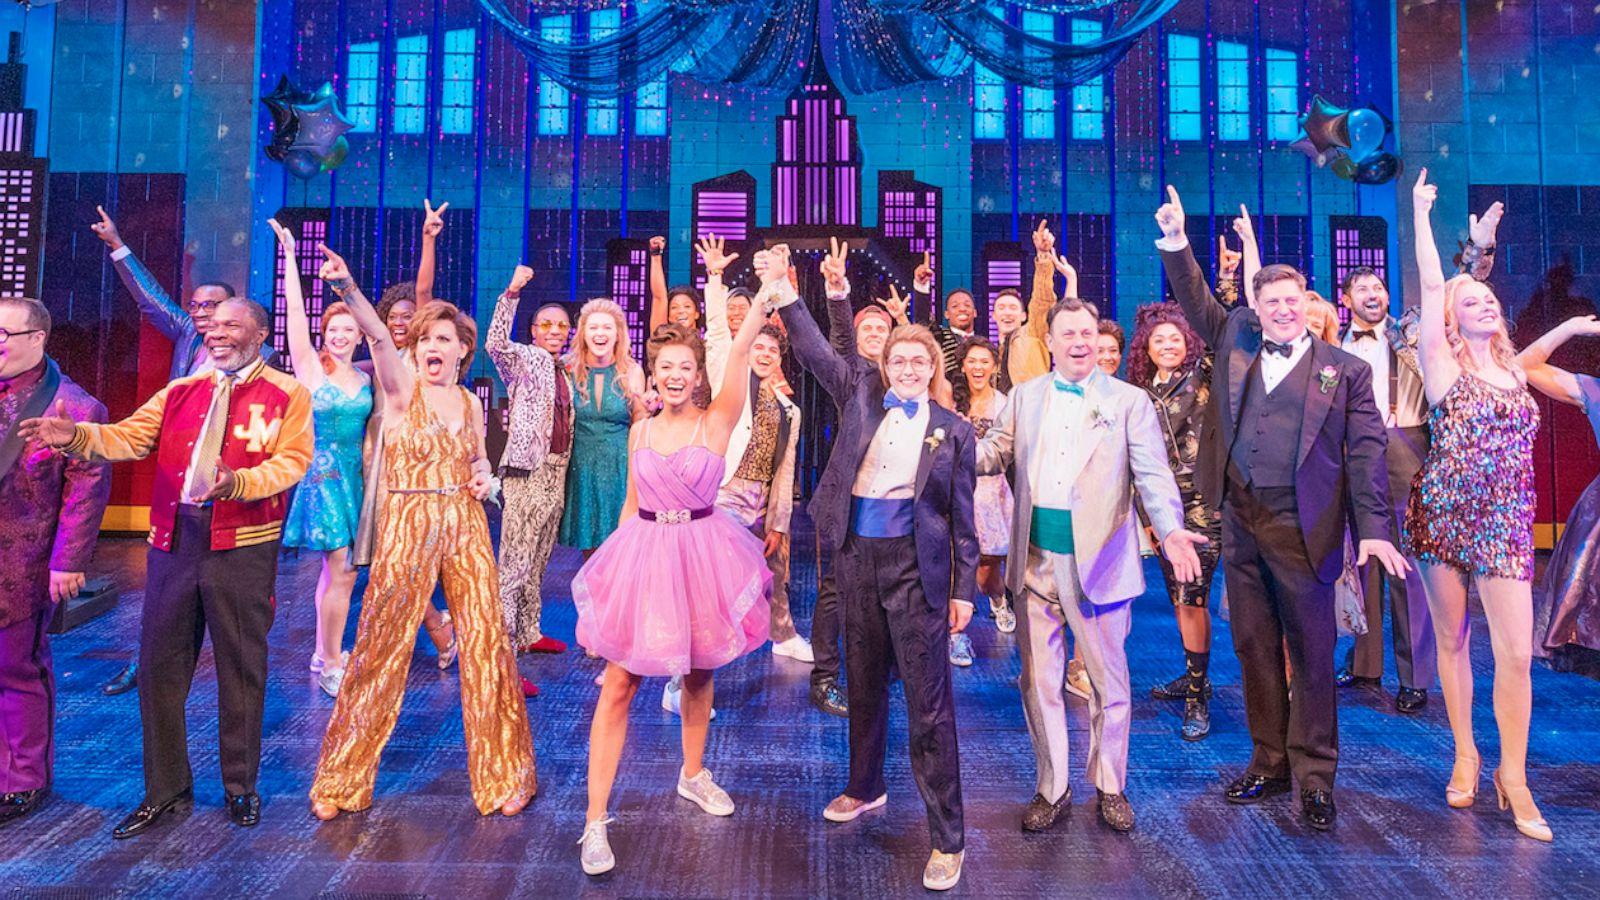 Imagem da peça de teatro The Prom. Mostra vários atores com os braços para o alto durante uma canção.